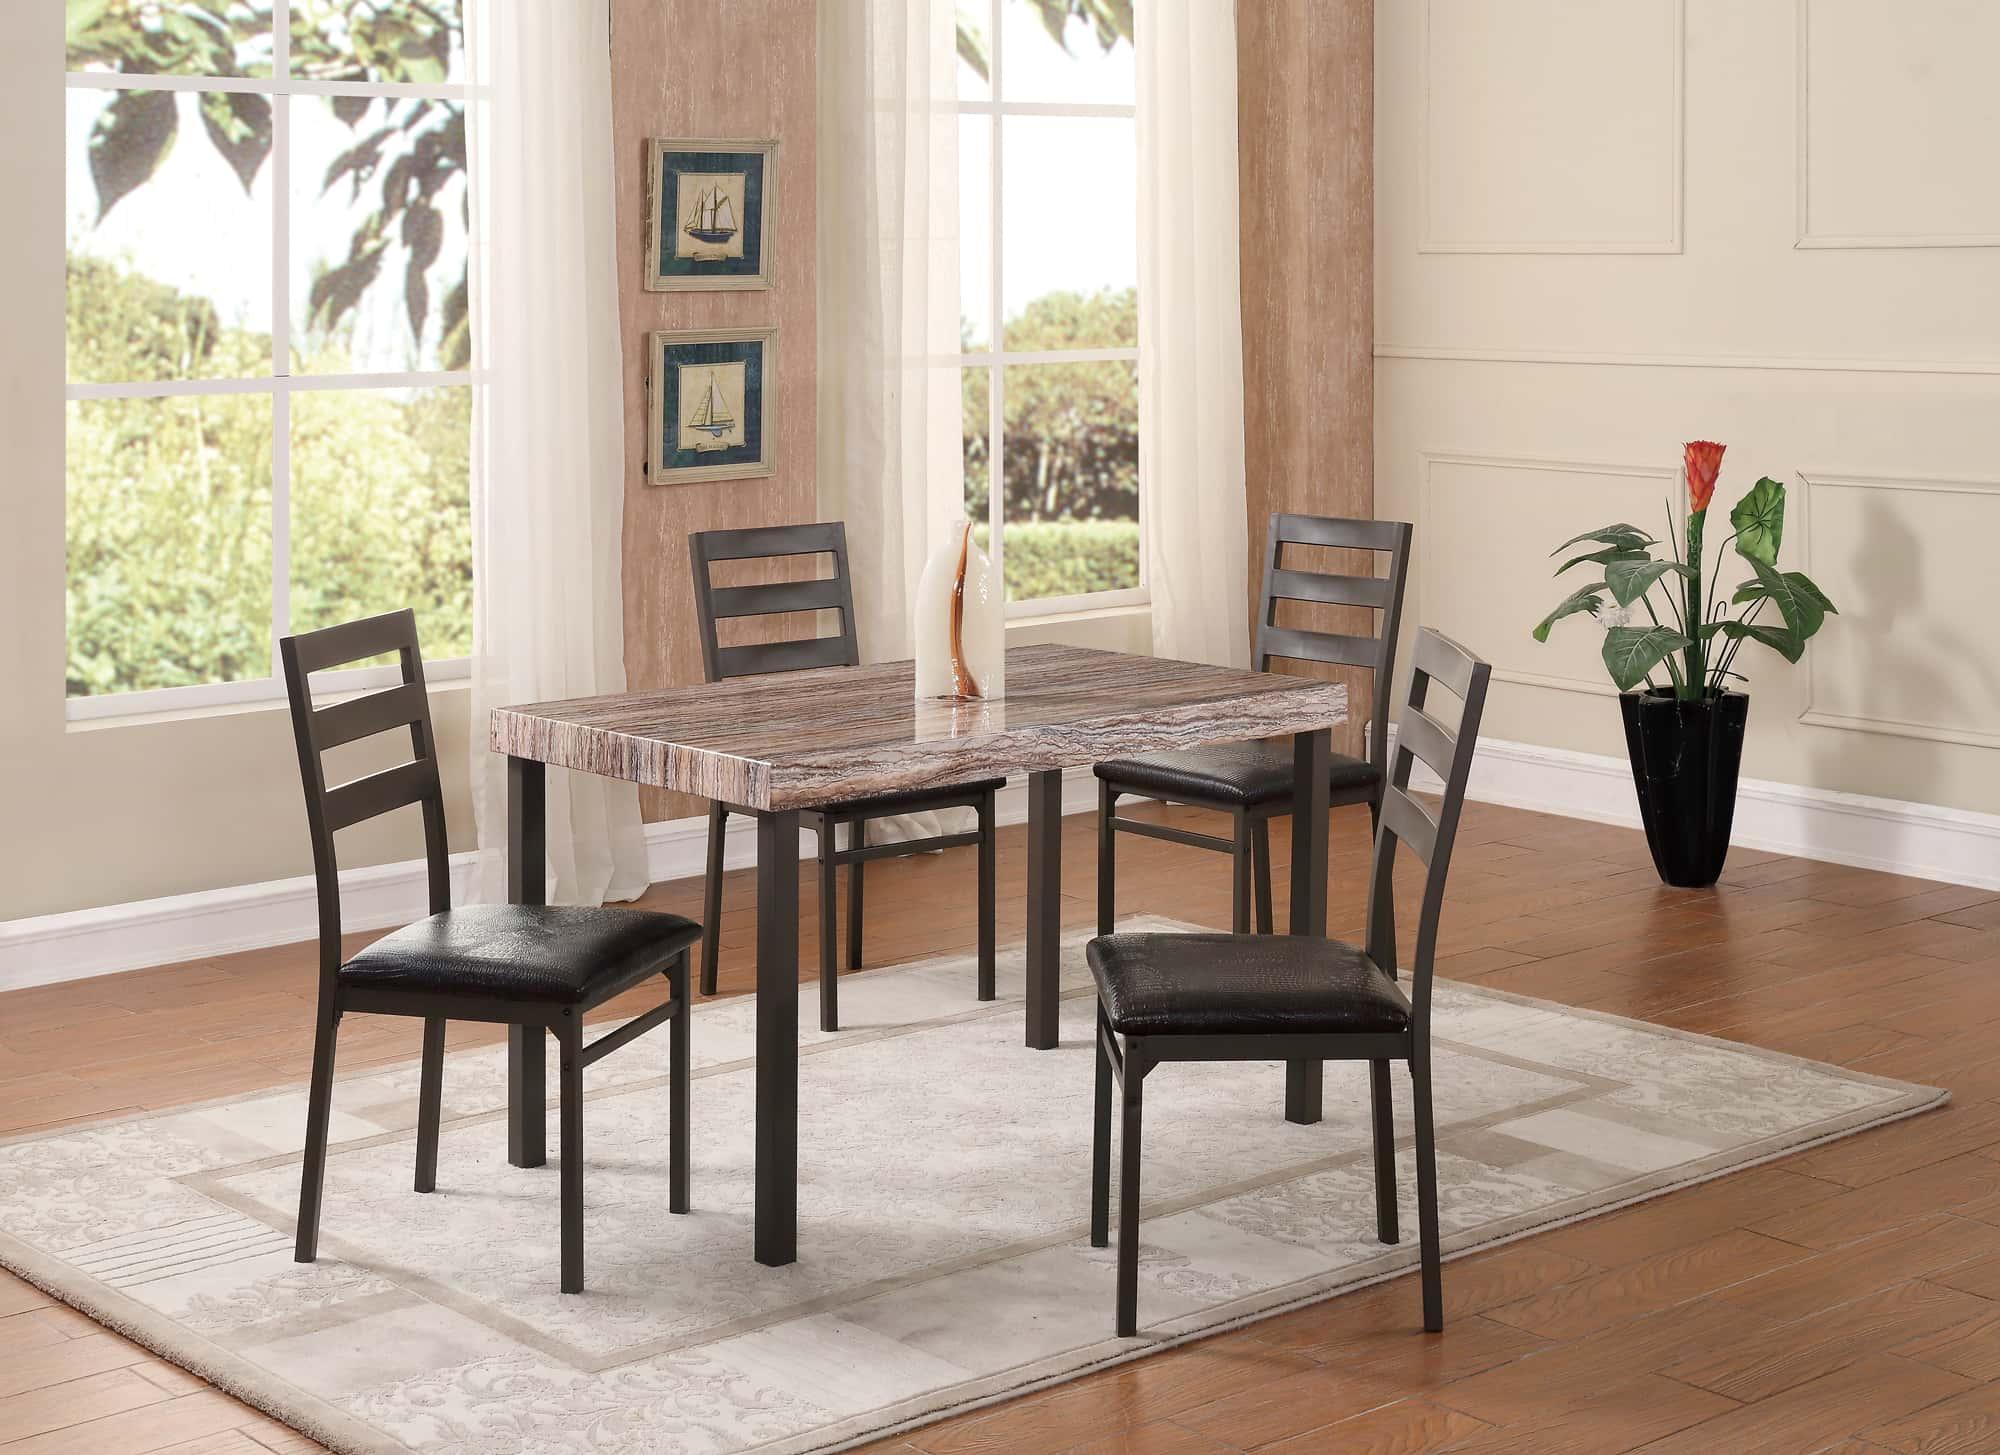 dining table d165dt light brown by global furniture. Black Bedroom Furniture Sets. Home Design Ideas